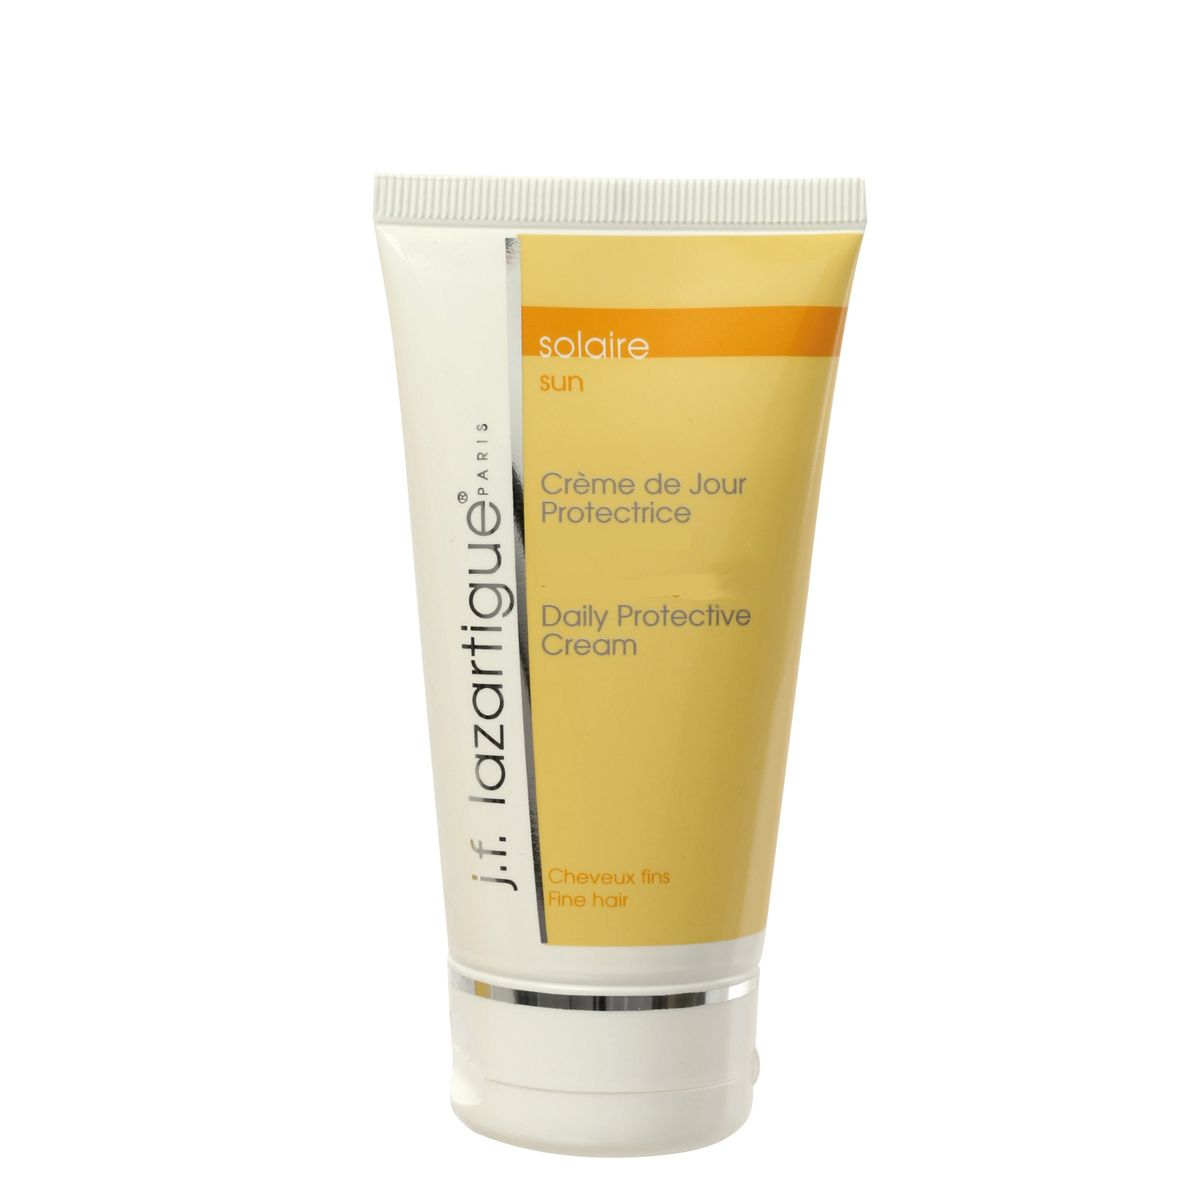 J.F.Lazartigue Солнцезащитный крем для волос для ежедневного использования 75 мл1613481Крем легкой текстуры (крем-гель), обогащенный маслами макадамии и малины, питает волосы, делает их более послушными. Витамин F защищает волосы от внешних агрессивных факторов (загрязнений окружающей среды, ветра, солнечных лучей, морской воды и т.п.). Солнцезащитные фильтры (в том числе натуральные – экстракт подсолнечника) предотвращают выгорание волос после длительного пребывания на солнце. Крем помогает контролировать накопление в волосах статического электричества. Не утяжеляет волосы. Рекомендуется для тонких, сухих и тусклых волос.